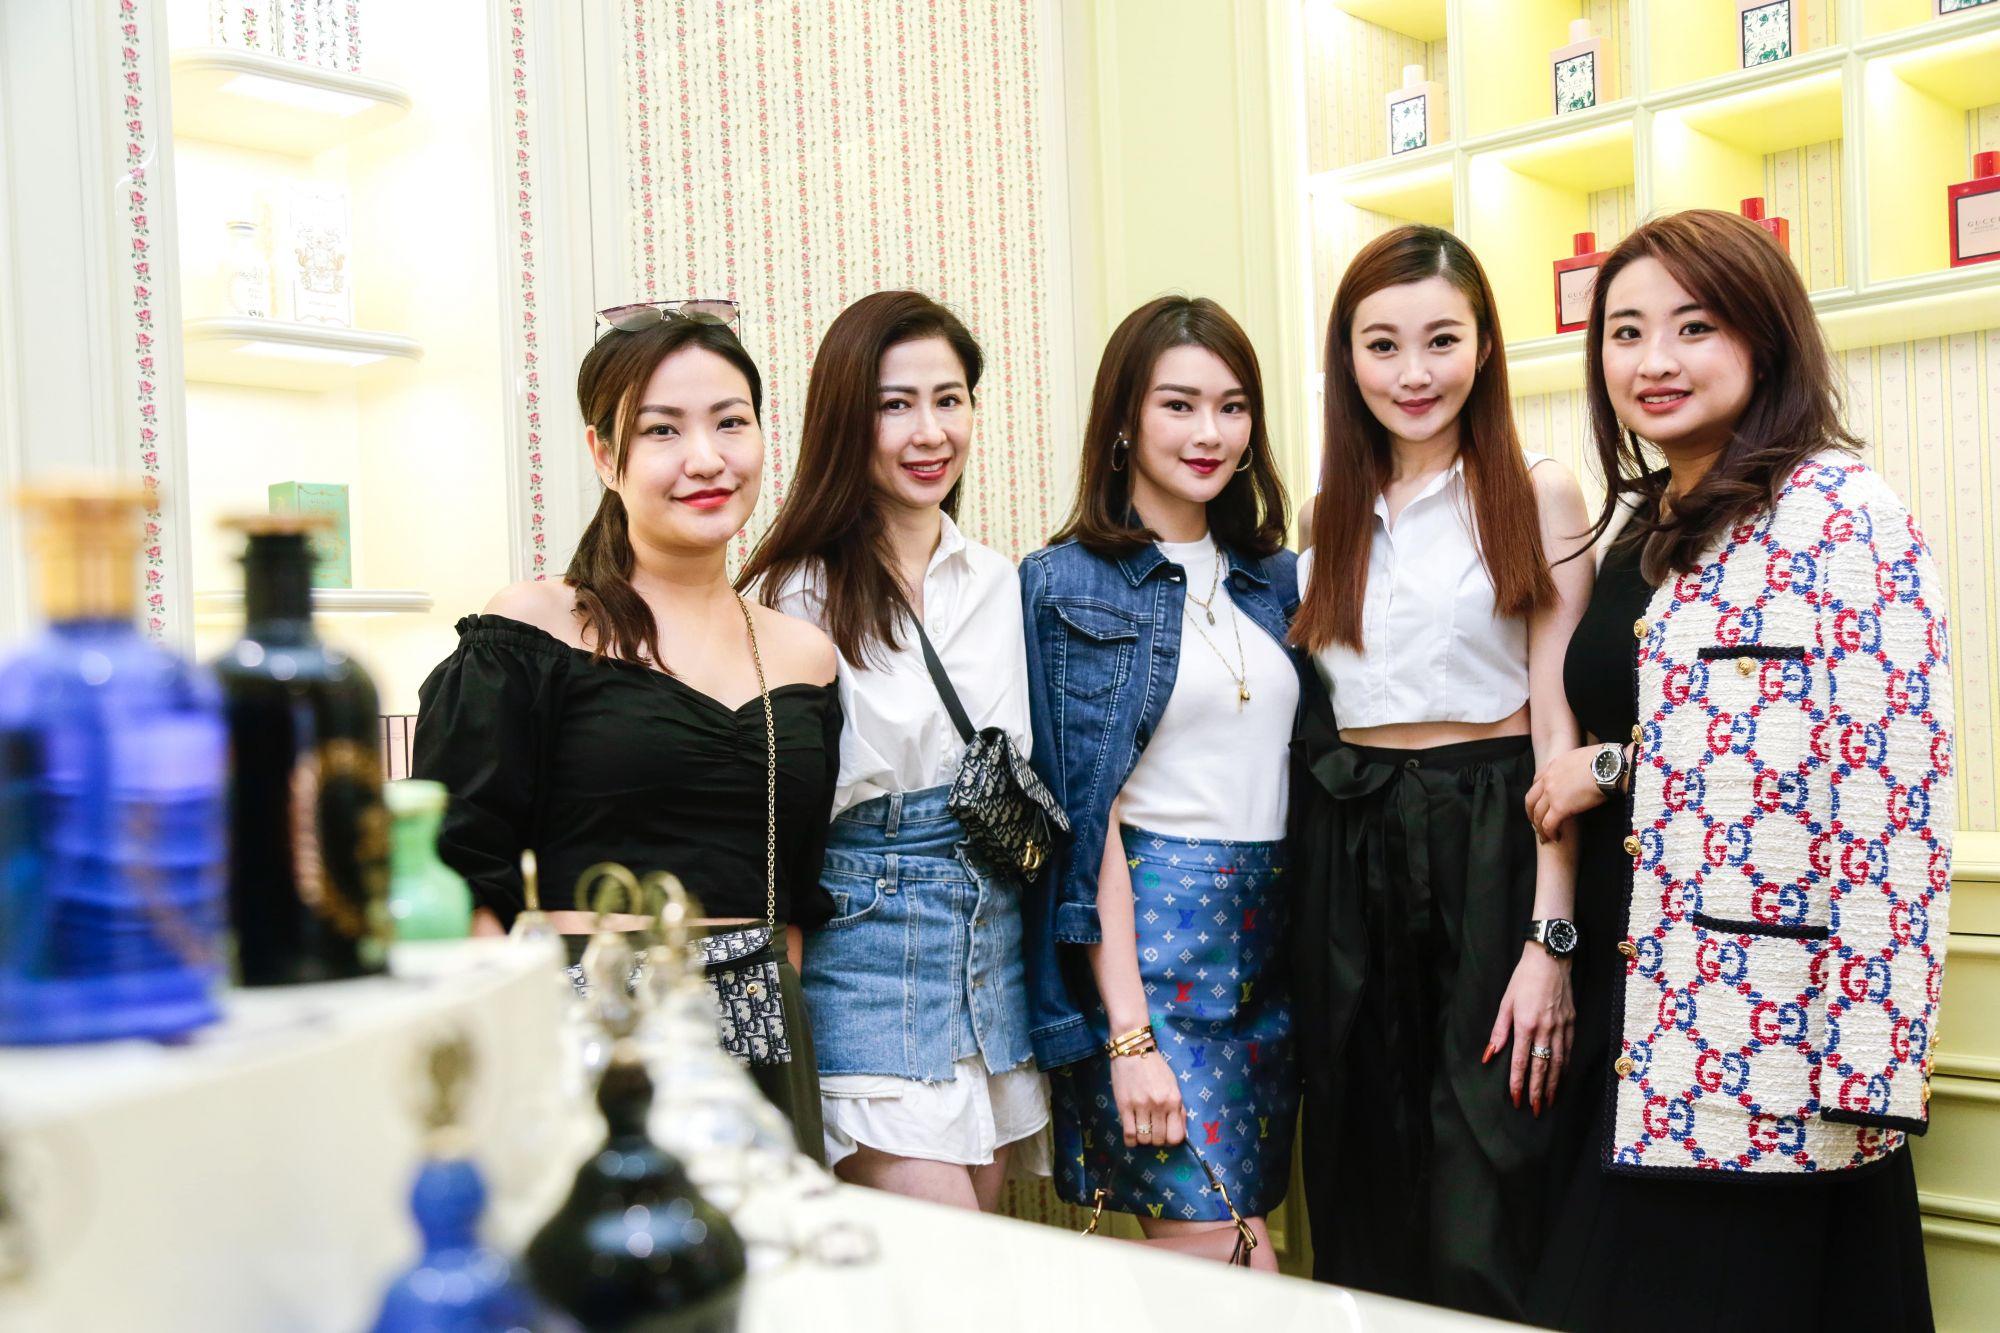 Li Ping, Datin Kim Isabelle, Datin Sri Eannes Chop, Datin Franklene Choong and Sandy Tan